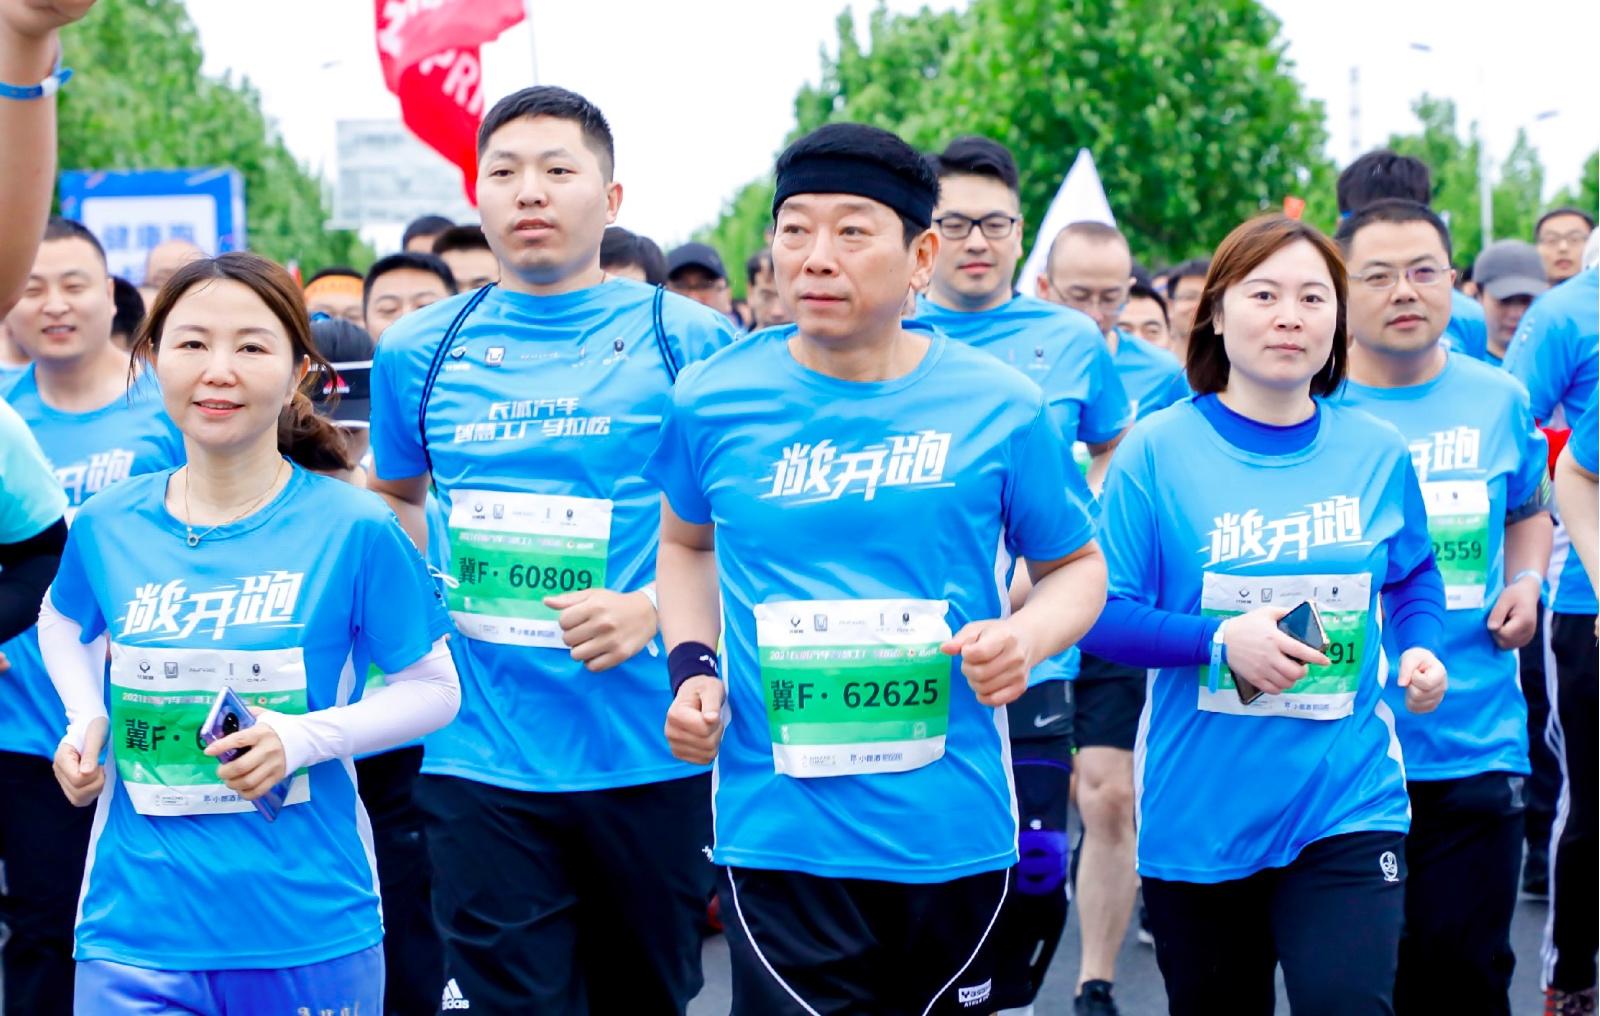 长城汽车董事长魏建军带领高管跑团活力开跑-2